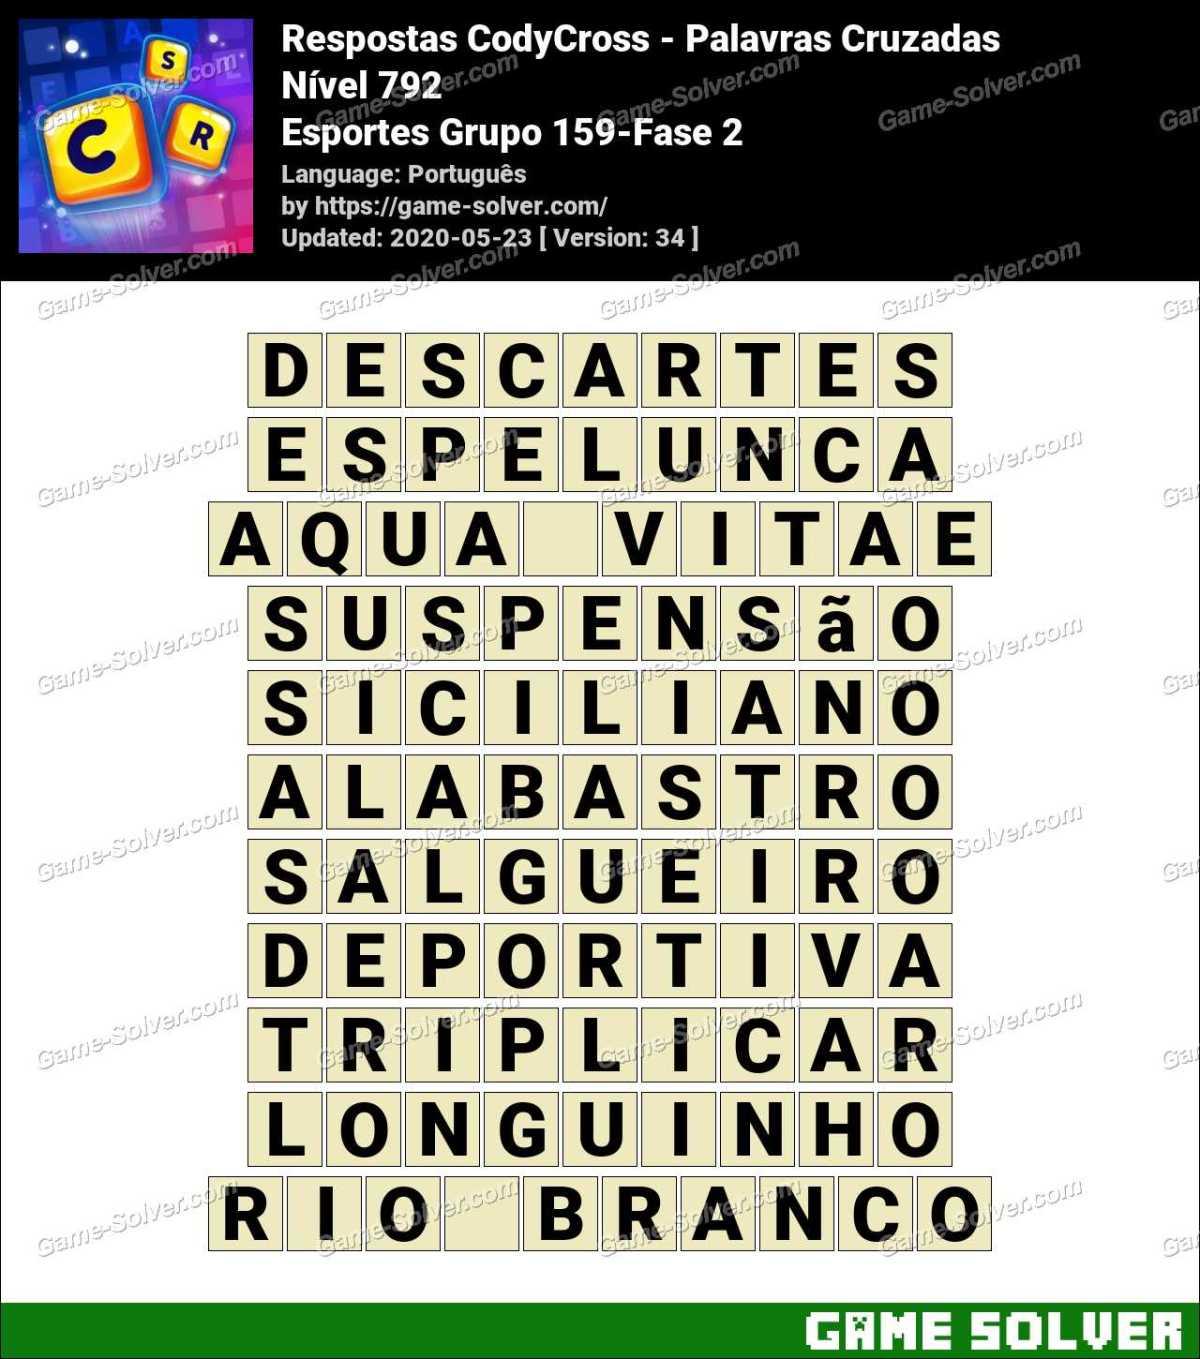 Respostas CodyCross Esportes Grupo 159-Fase 2